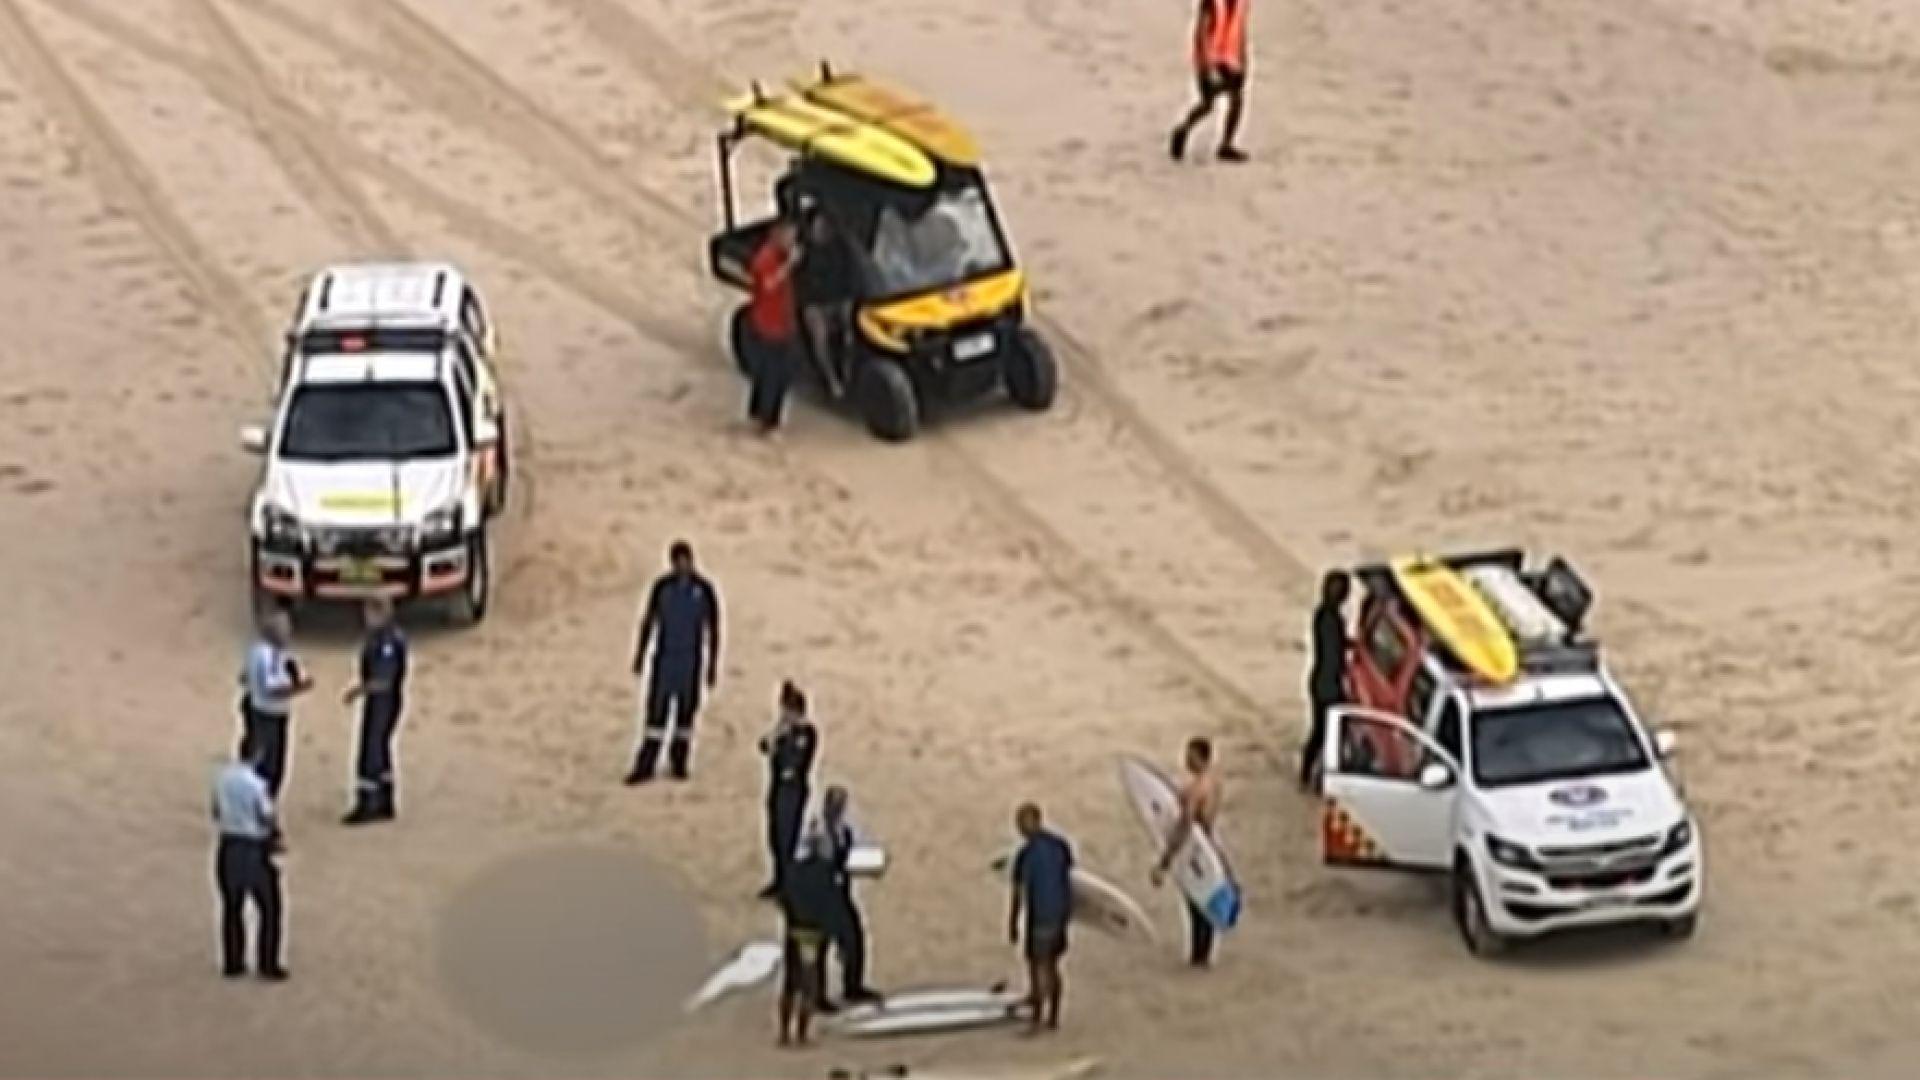 Триметрова акула атакува и уби 60-годишен сърфист в Австралия, предаде